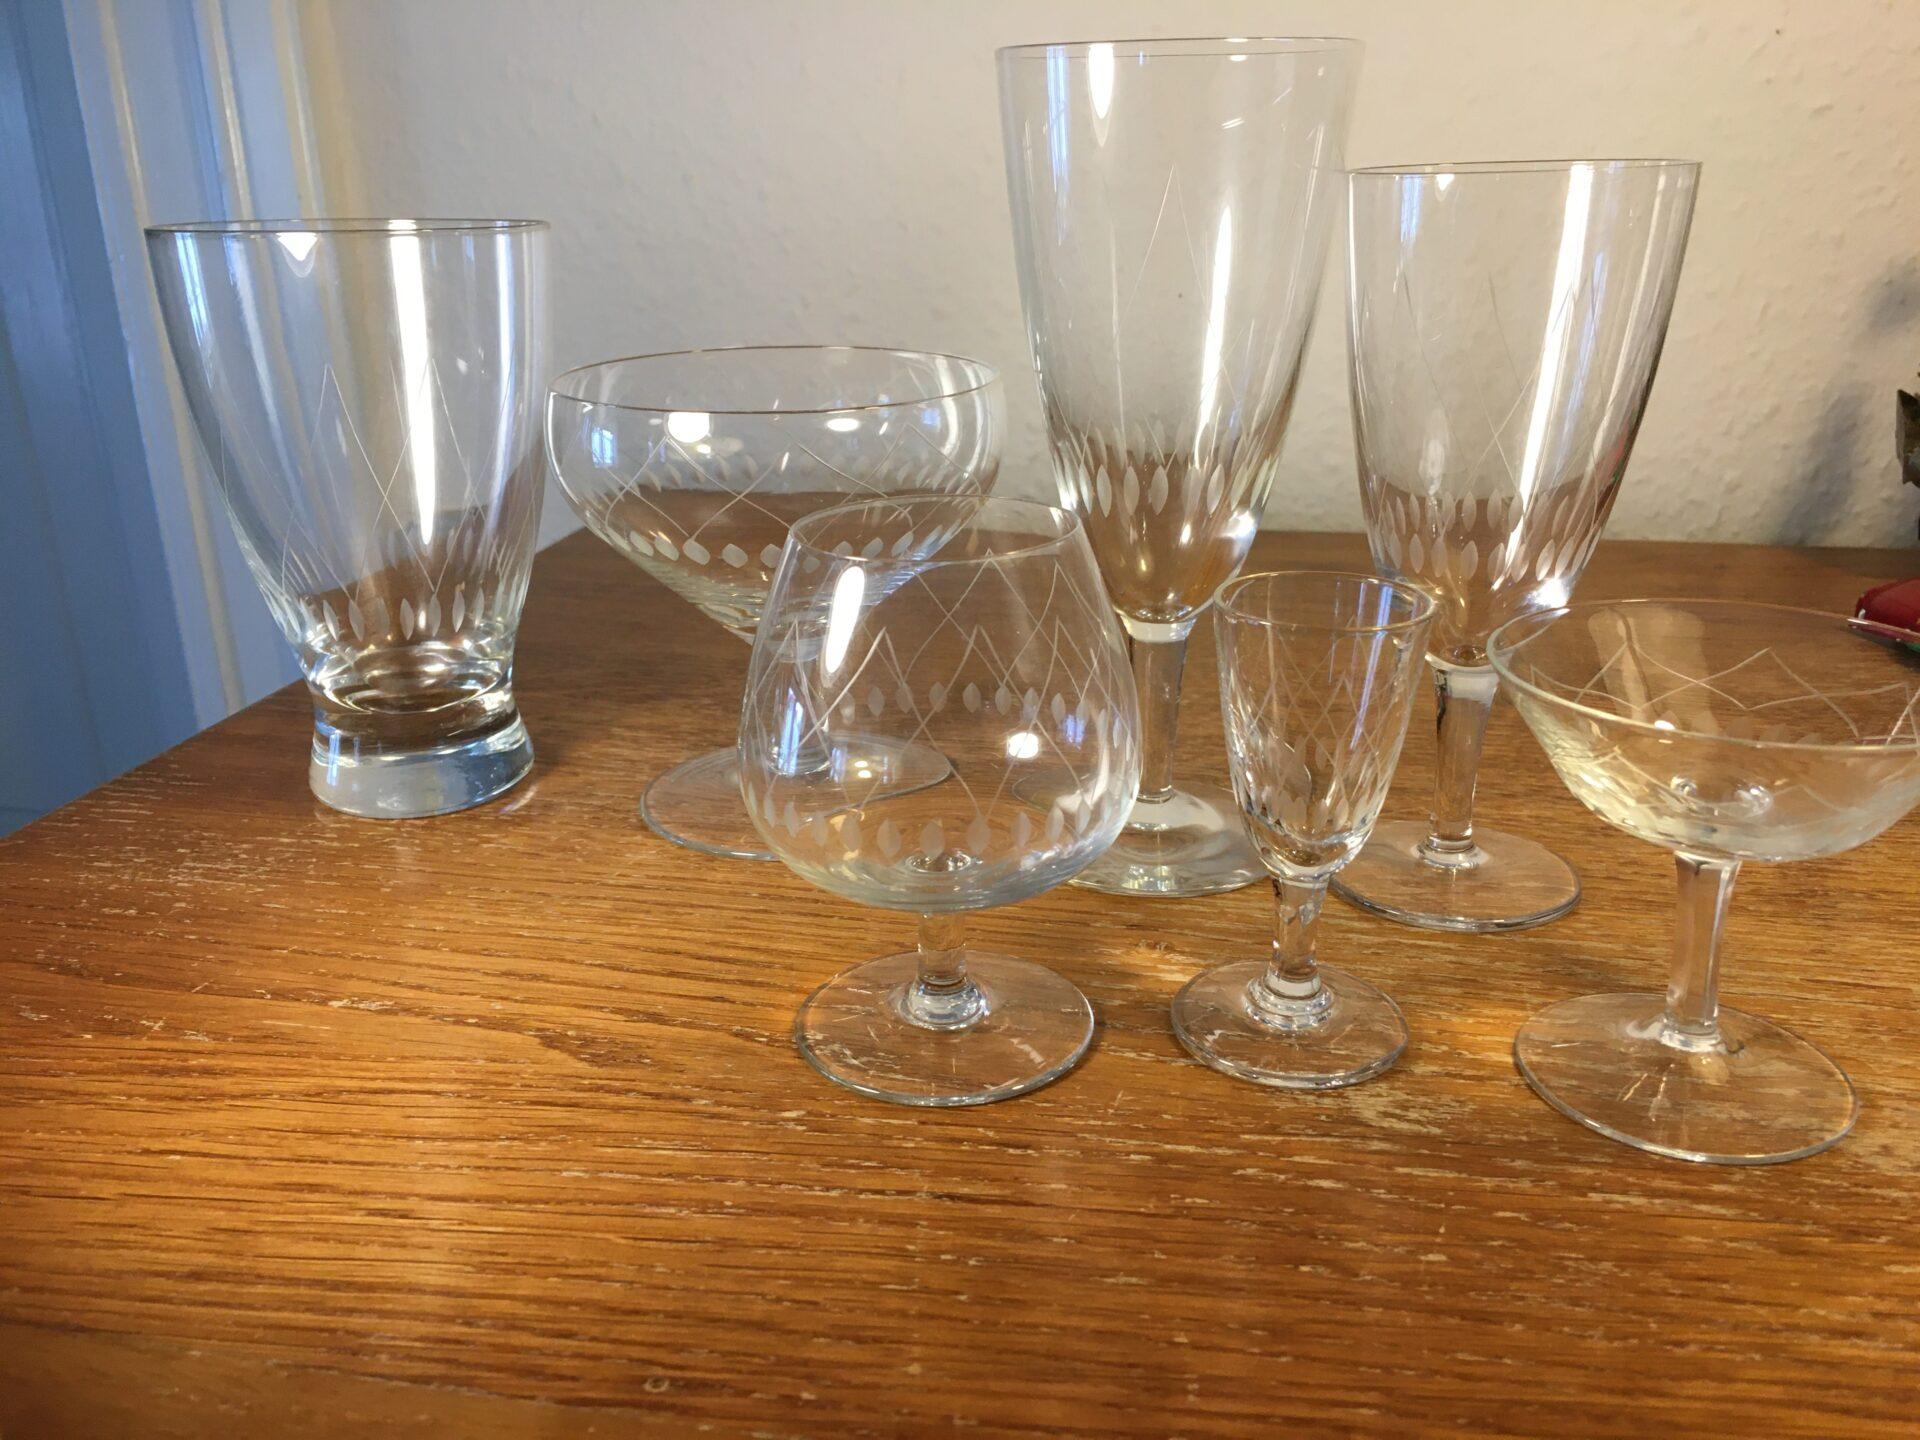 Krystalglas med slibninger (kryds +oliven), ukendt, 58 stk kan afhentes for 500krl